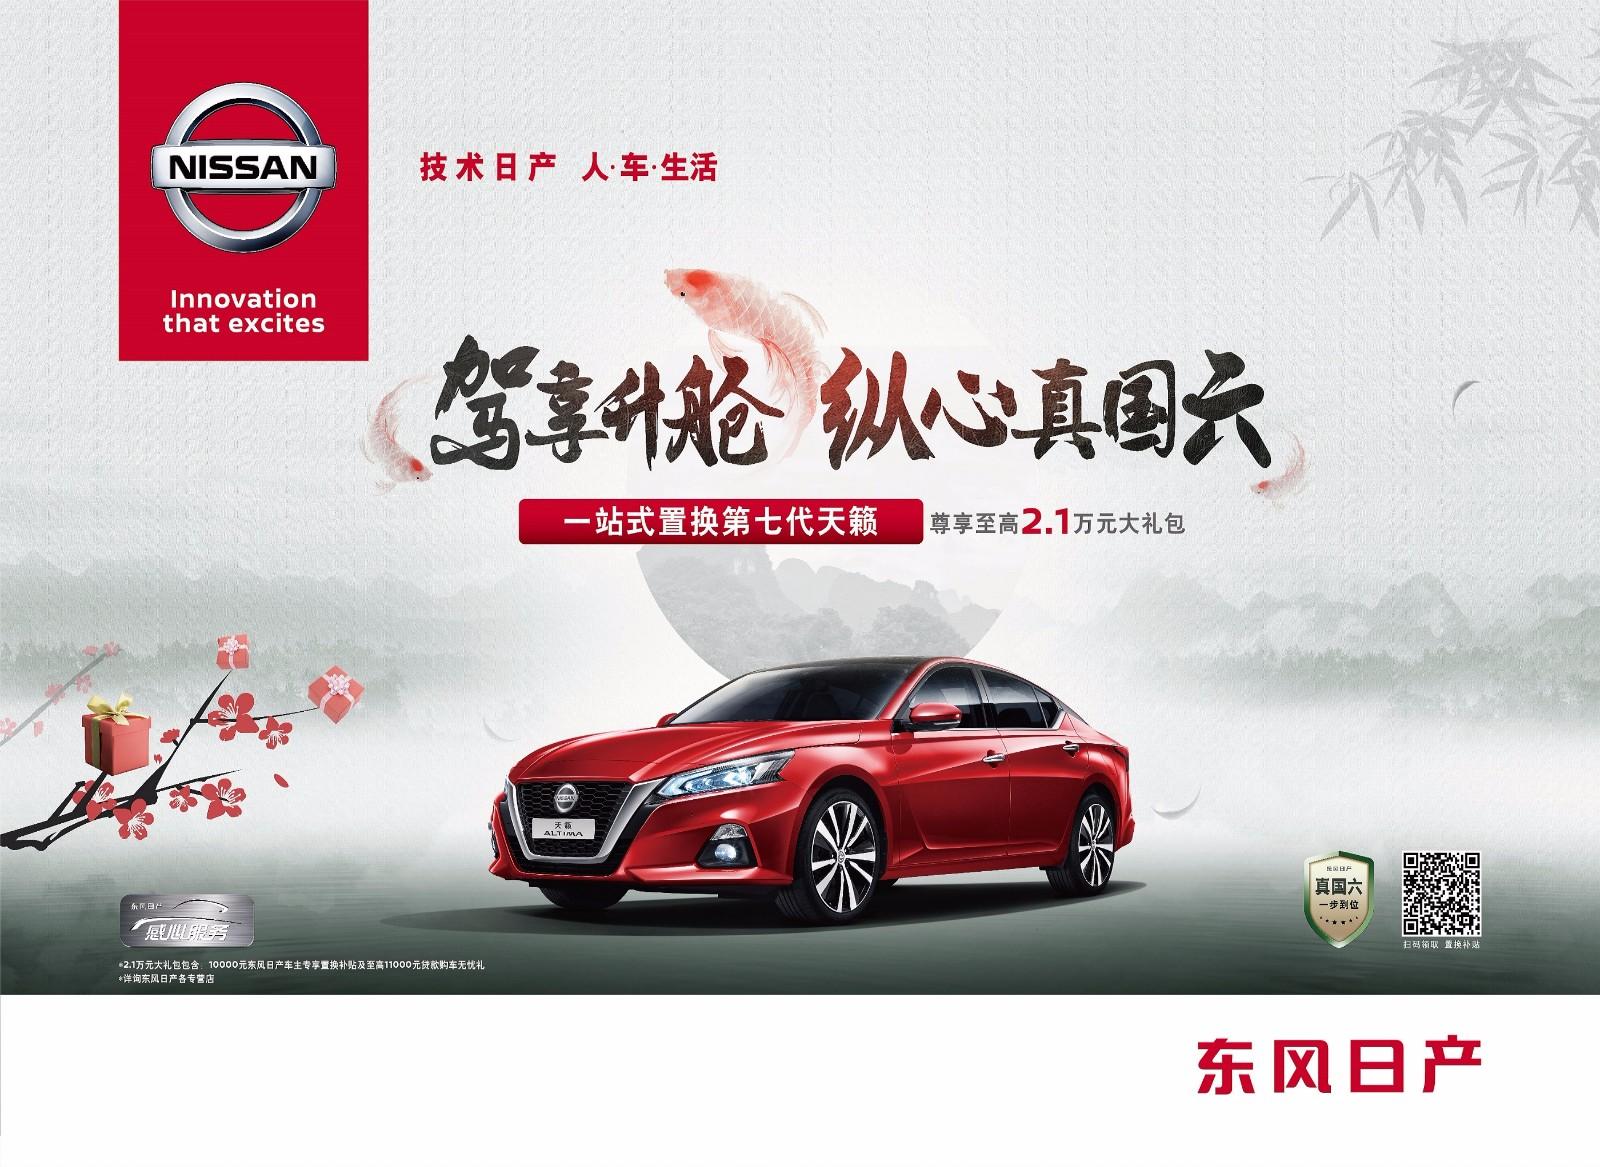 电话: 4006592799 地址: 北京市昌平区回龙观欧德宝汽车交易市场a区9图片